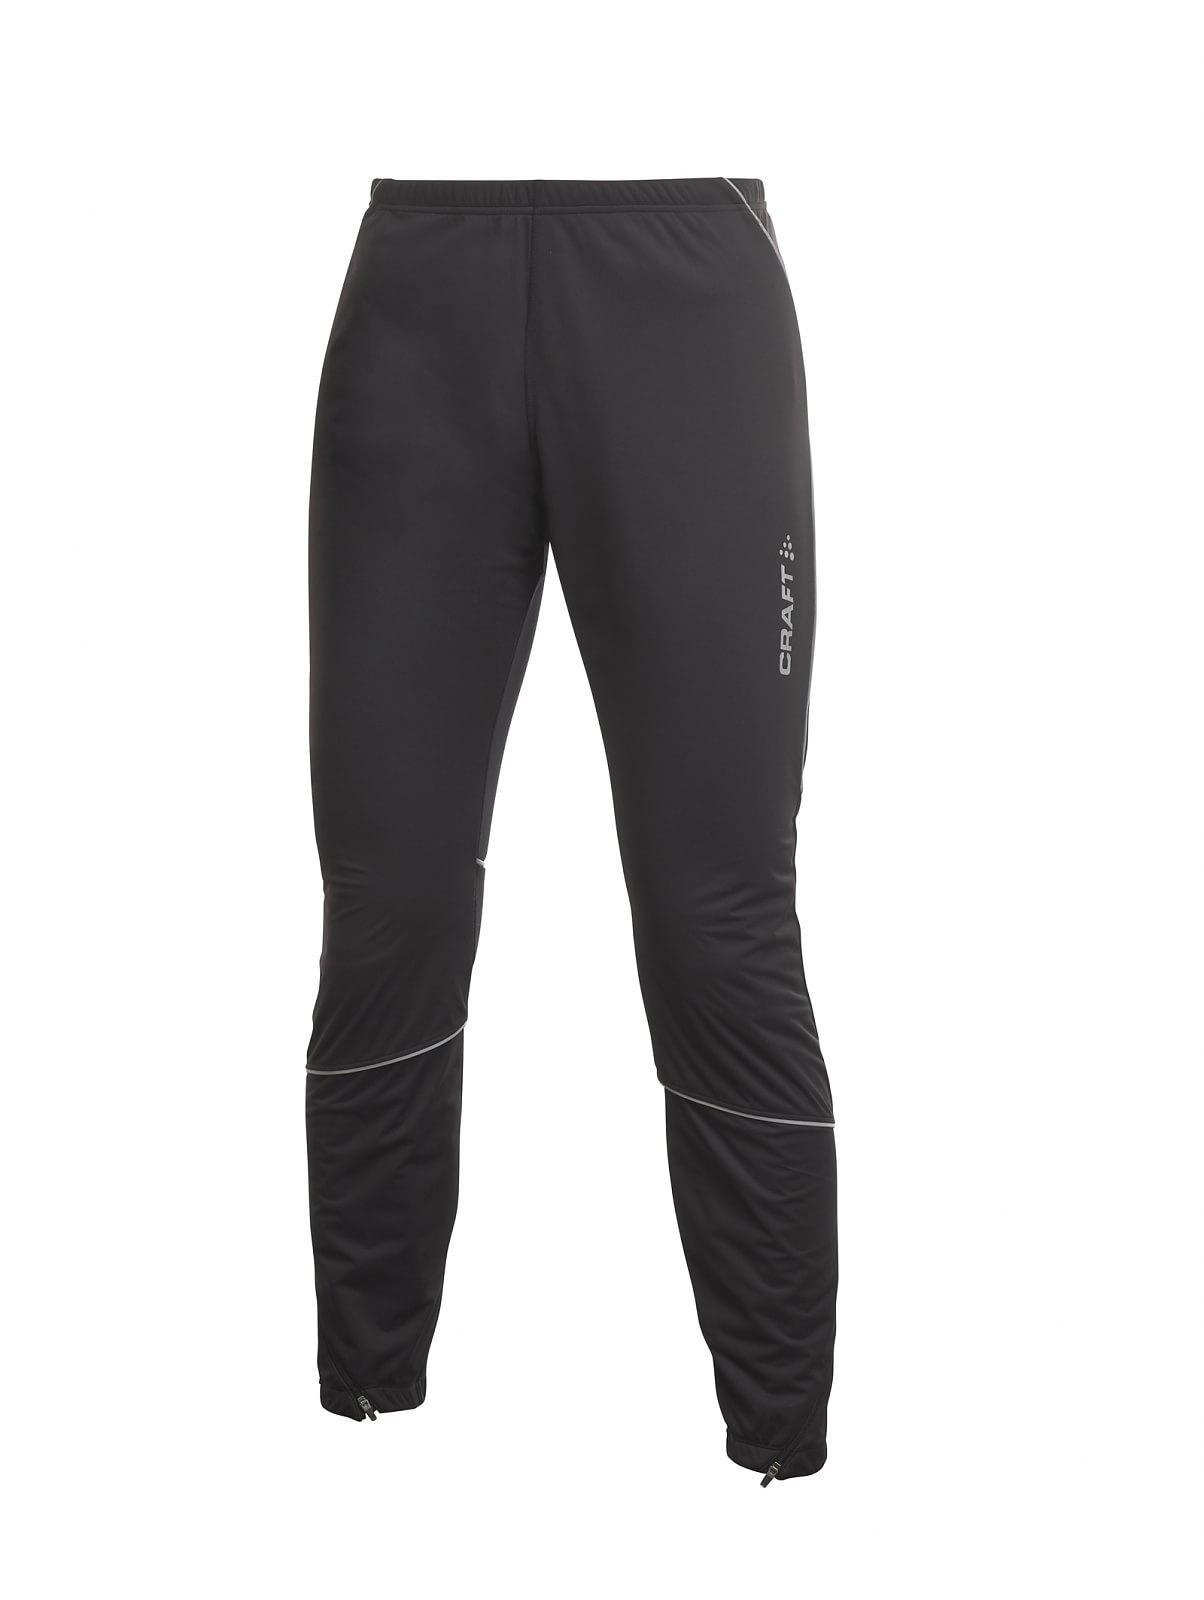 Лыжные брюки Craft New Storm женские черные